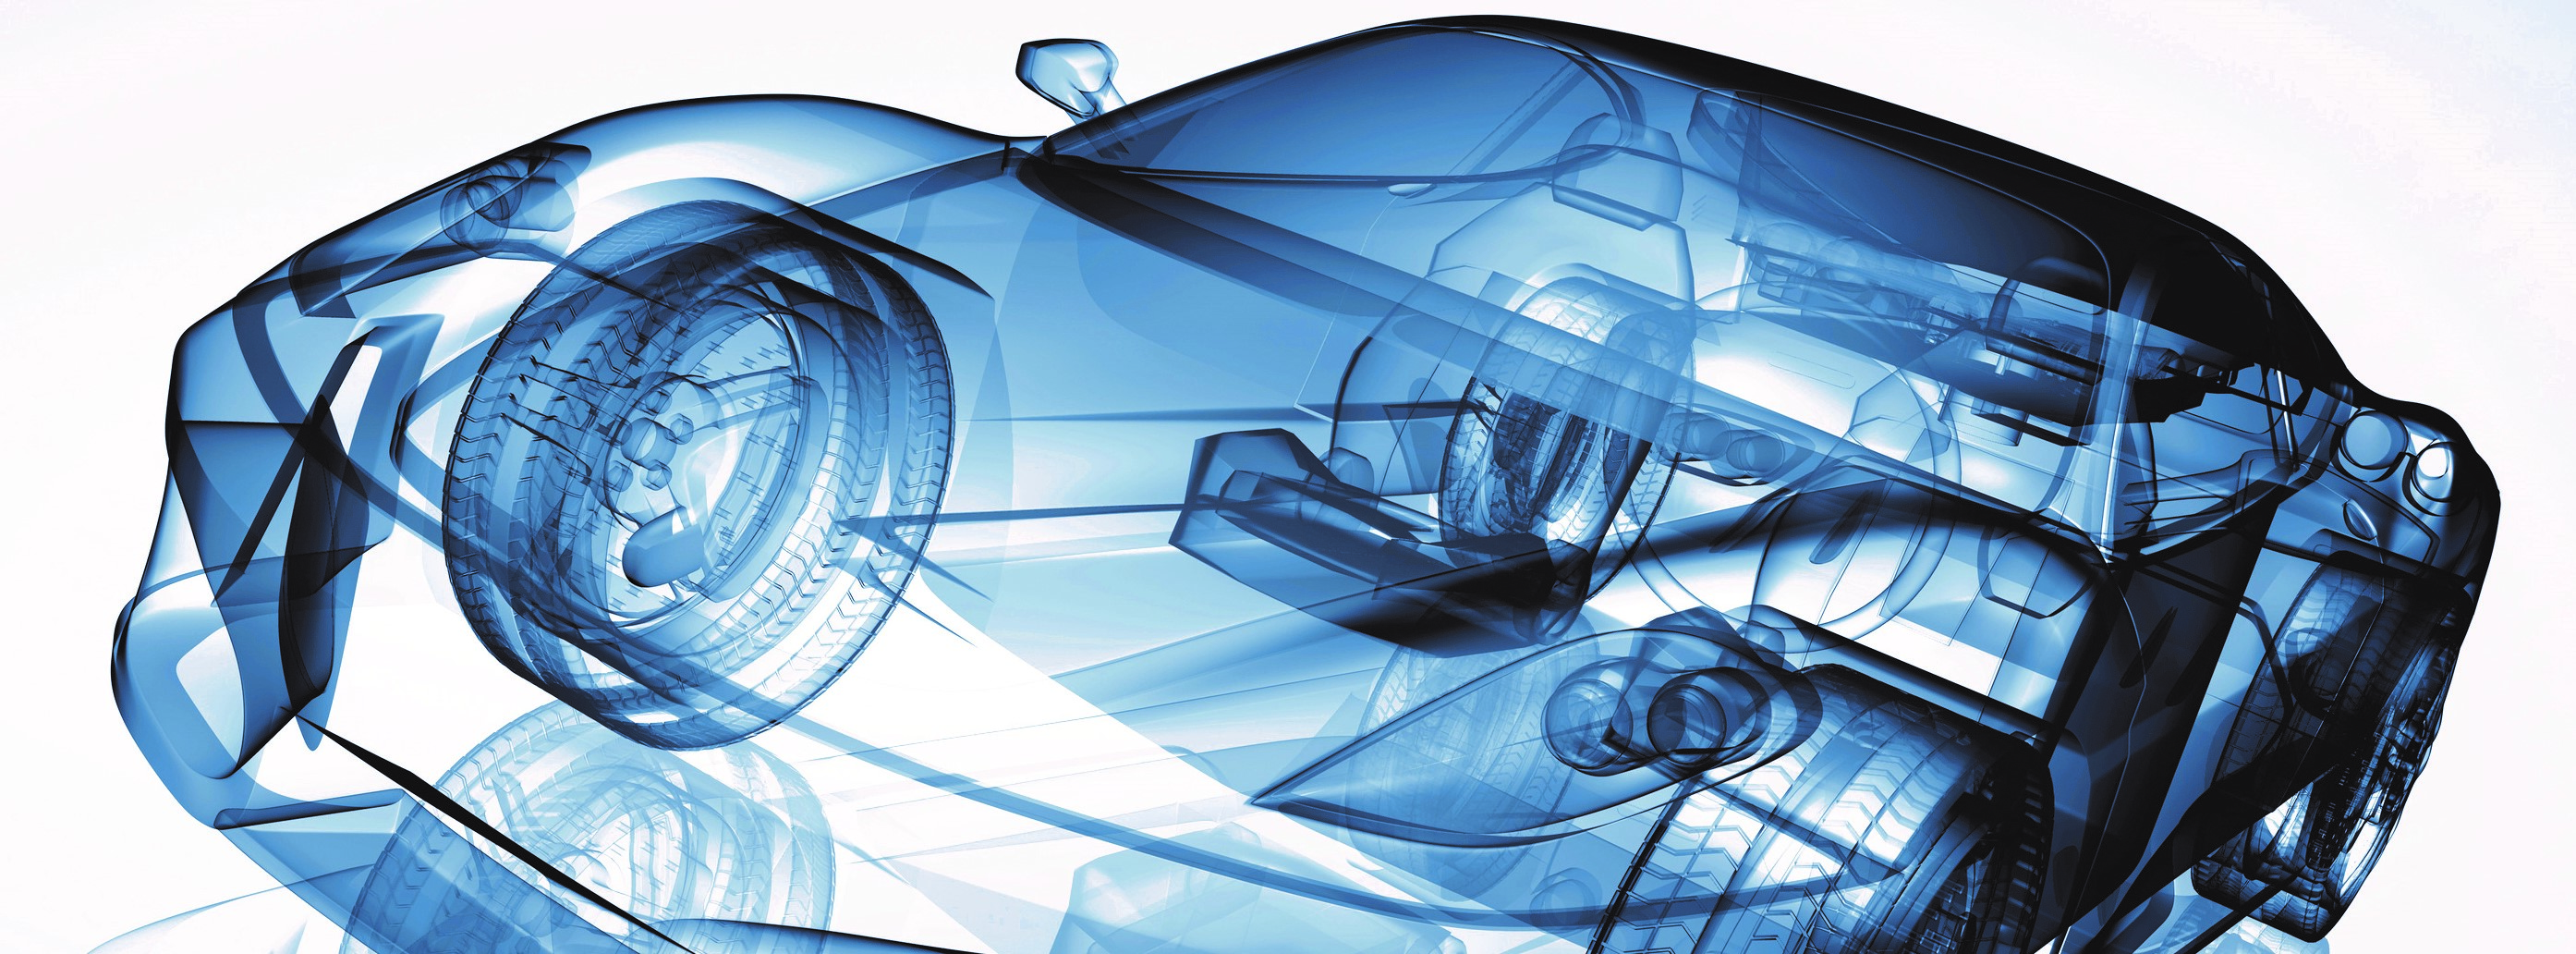 Kabel und Leitungen für Automotive